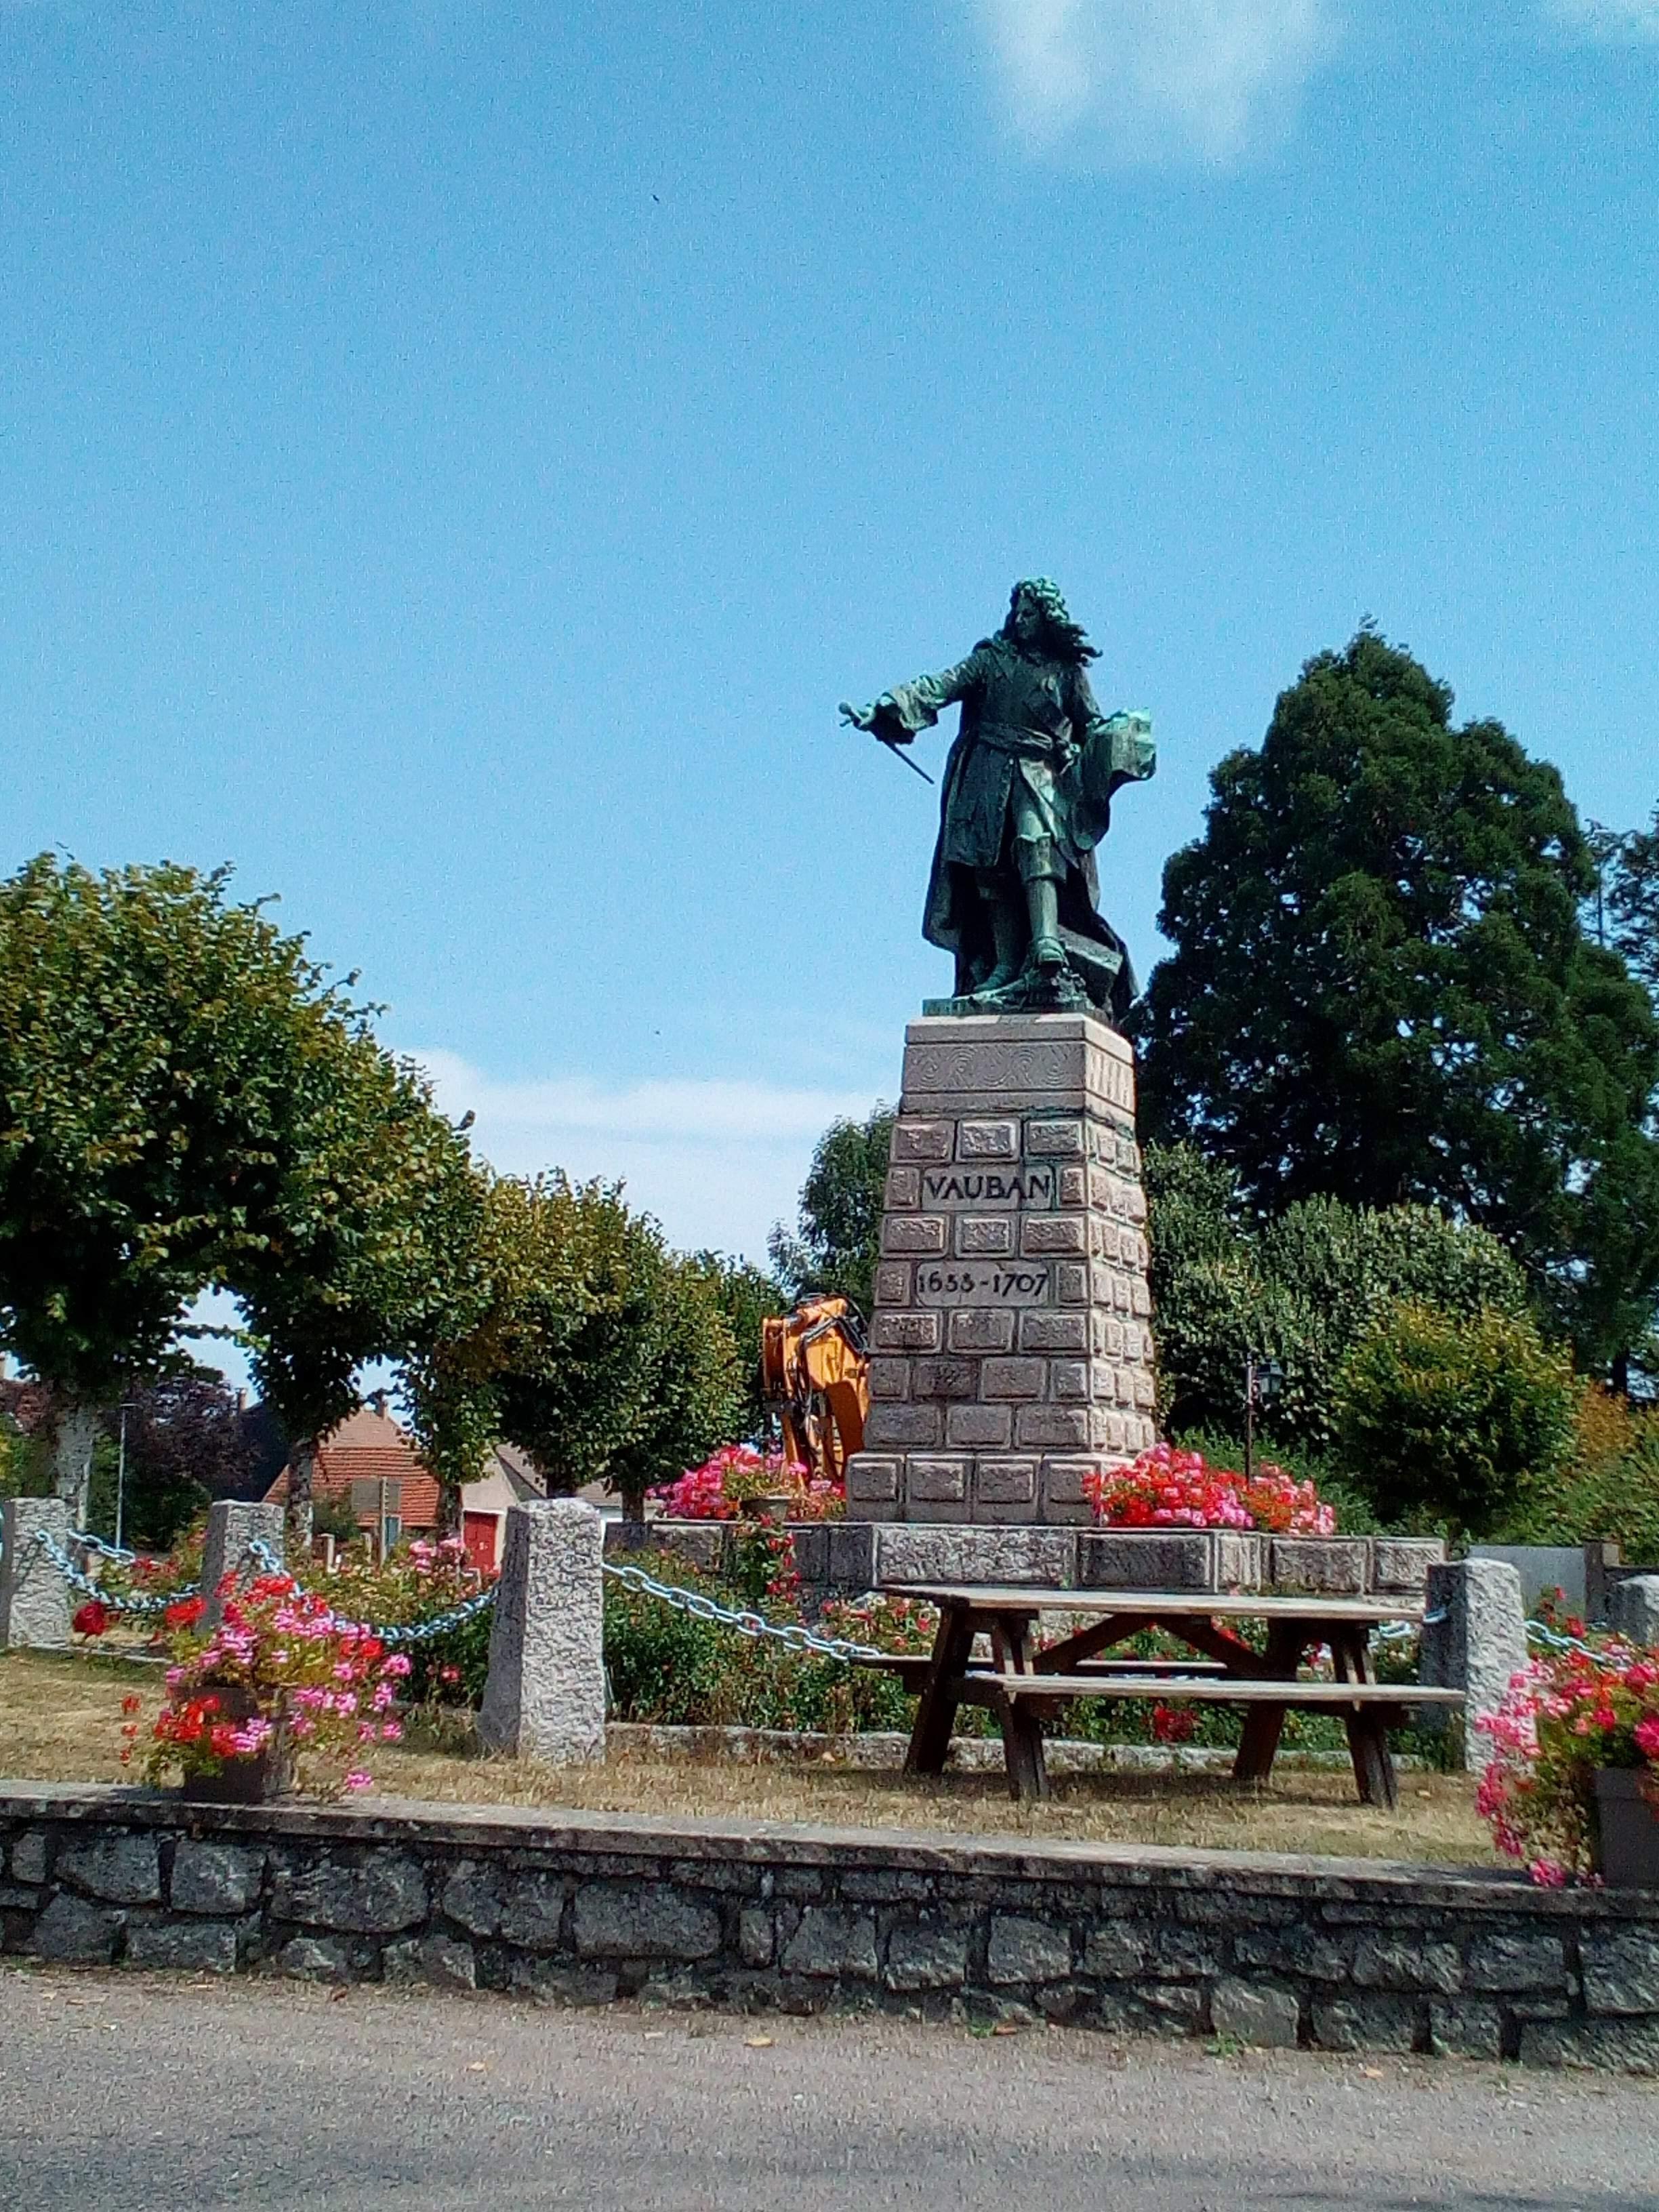 Saint-Léger-Vauban